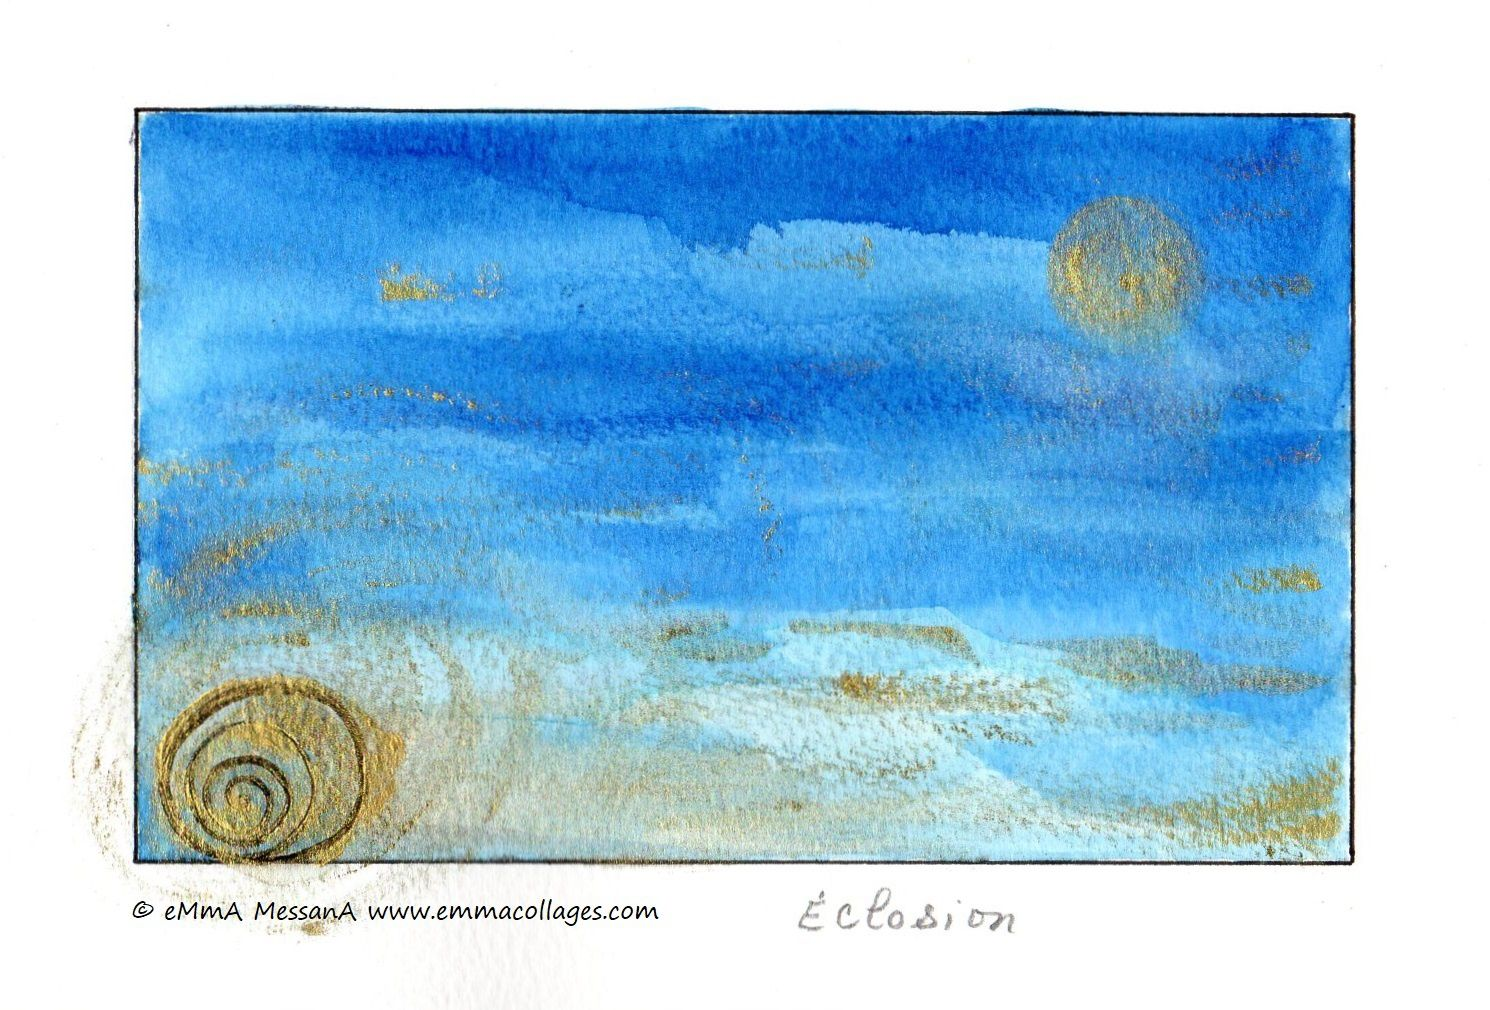 """Les Collages d'eMmA MessanA, encre N°416 """" Éclosion"""", pièce unique © eMmA MessanA"""